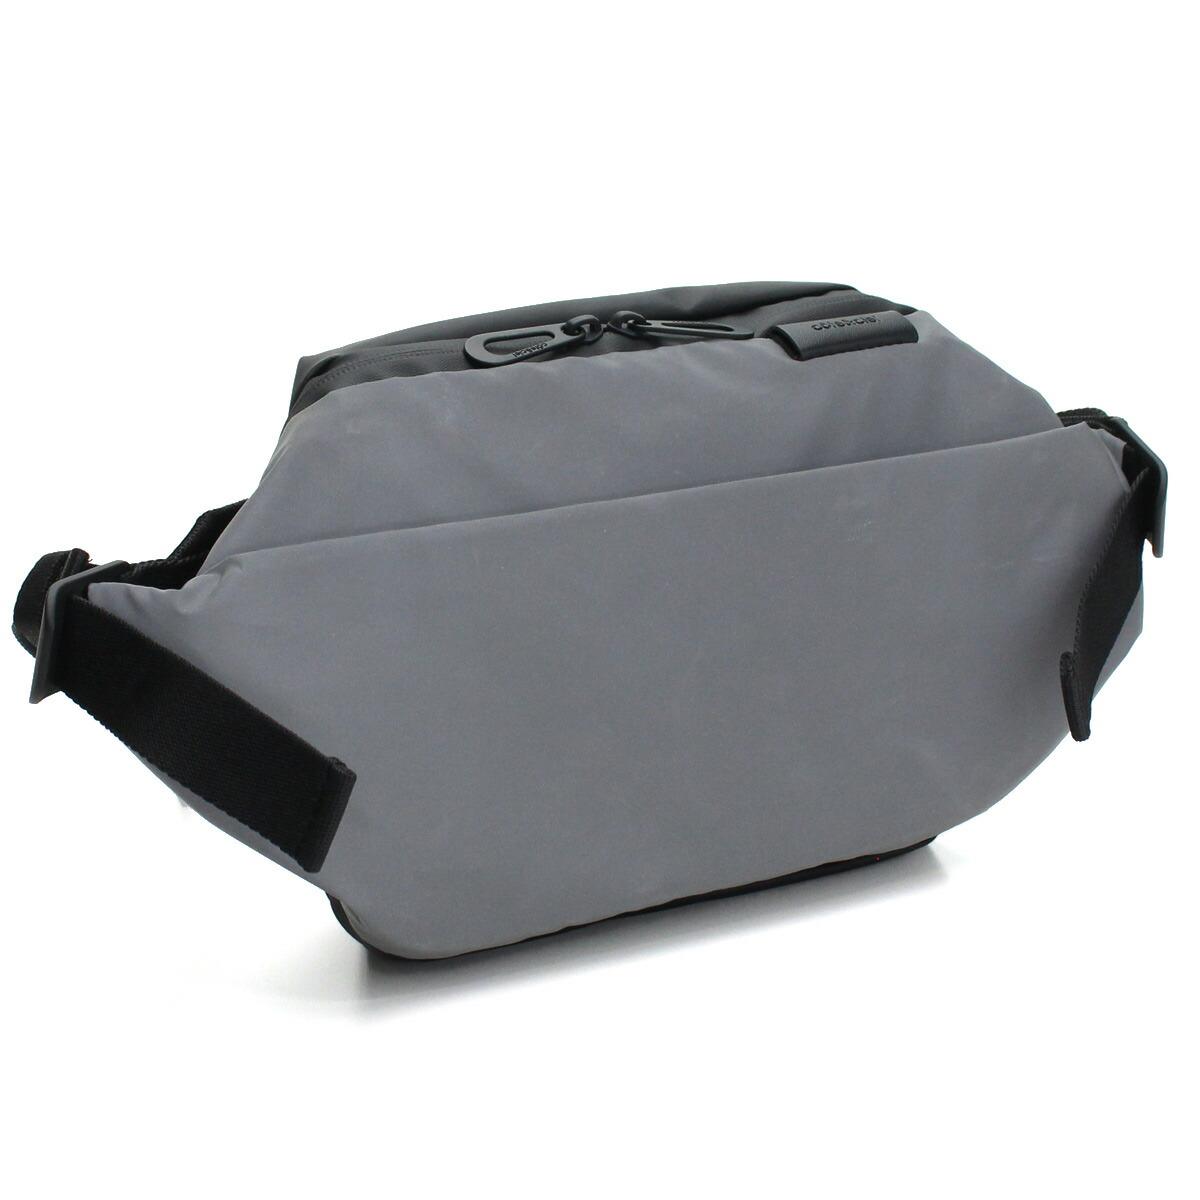 コートエシエル cote&ciel ISARU SMALL ボディバッグ 28722 MIMAS GREY REFLECT グレー系 ブラック メンズ レディース